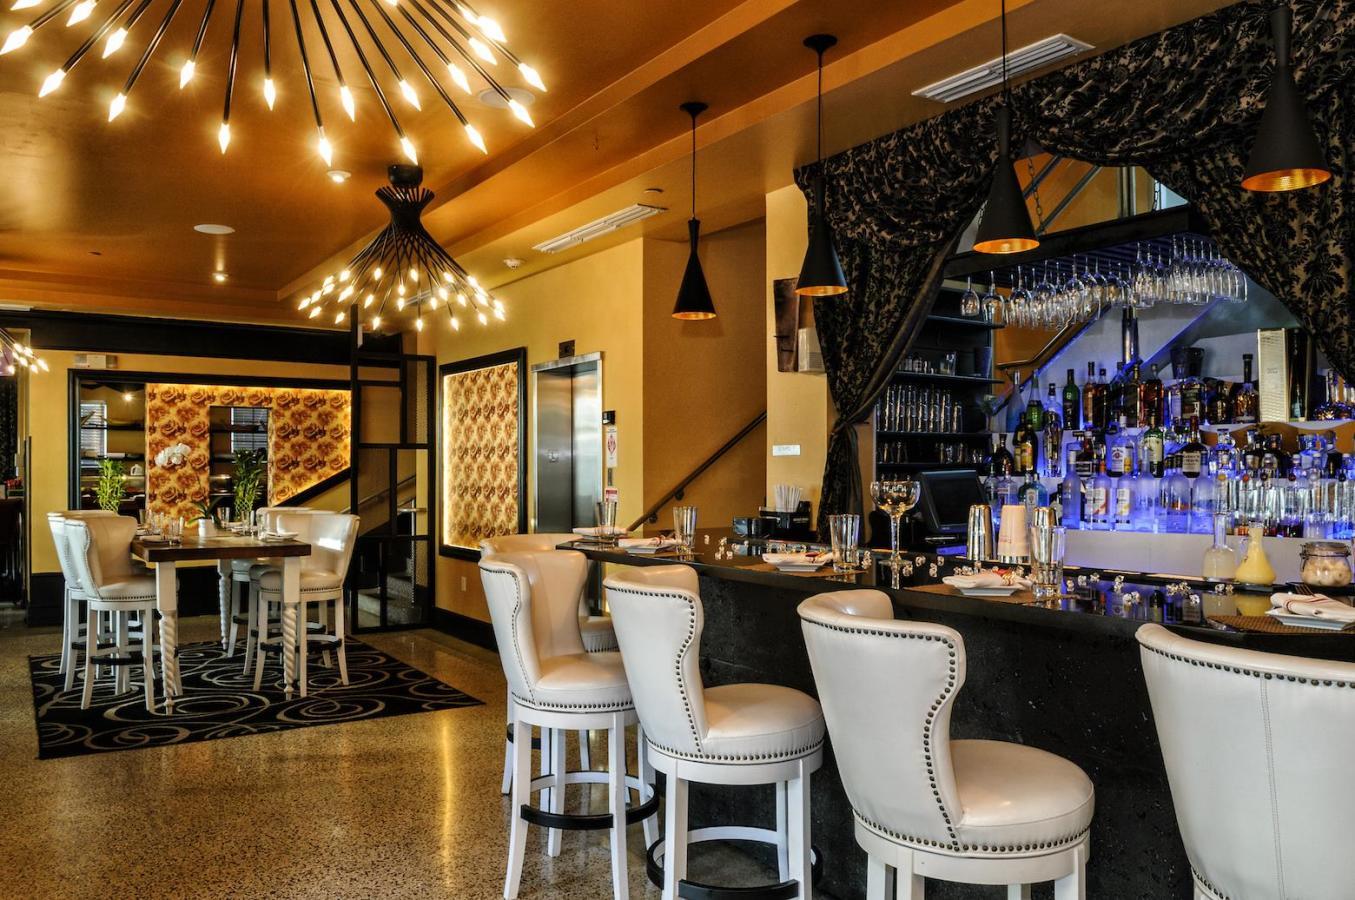 Fung Ku Asian Bistro & Bar